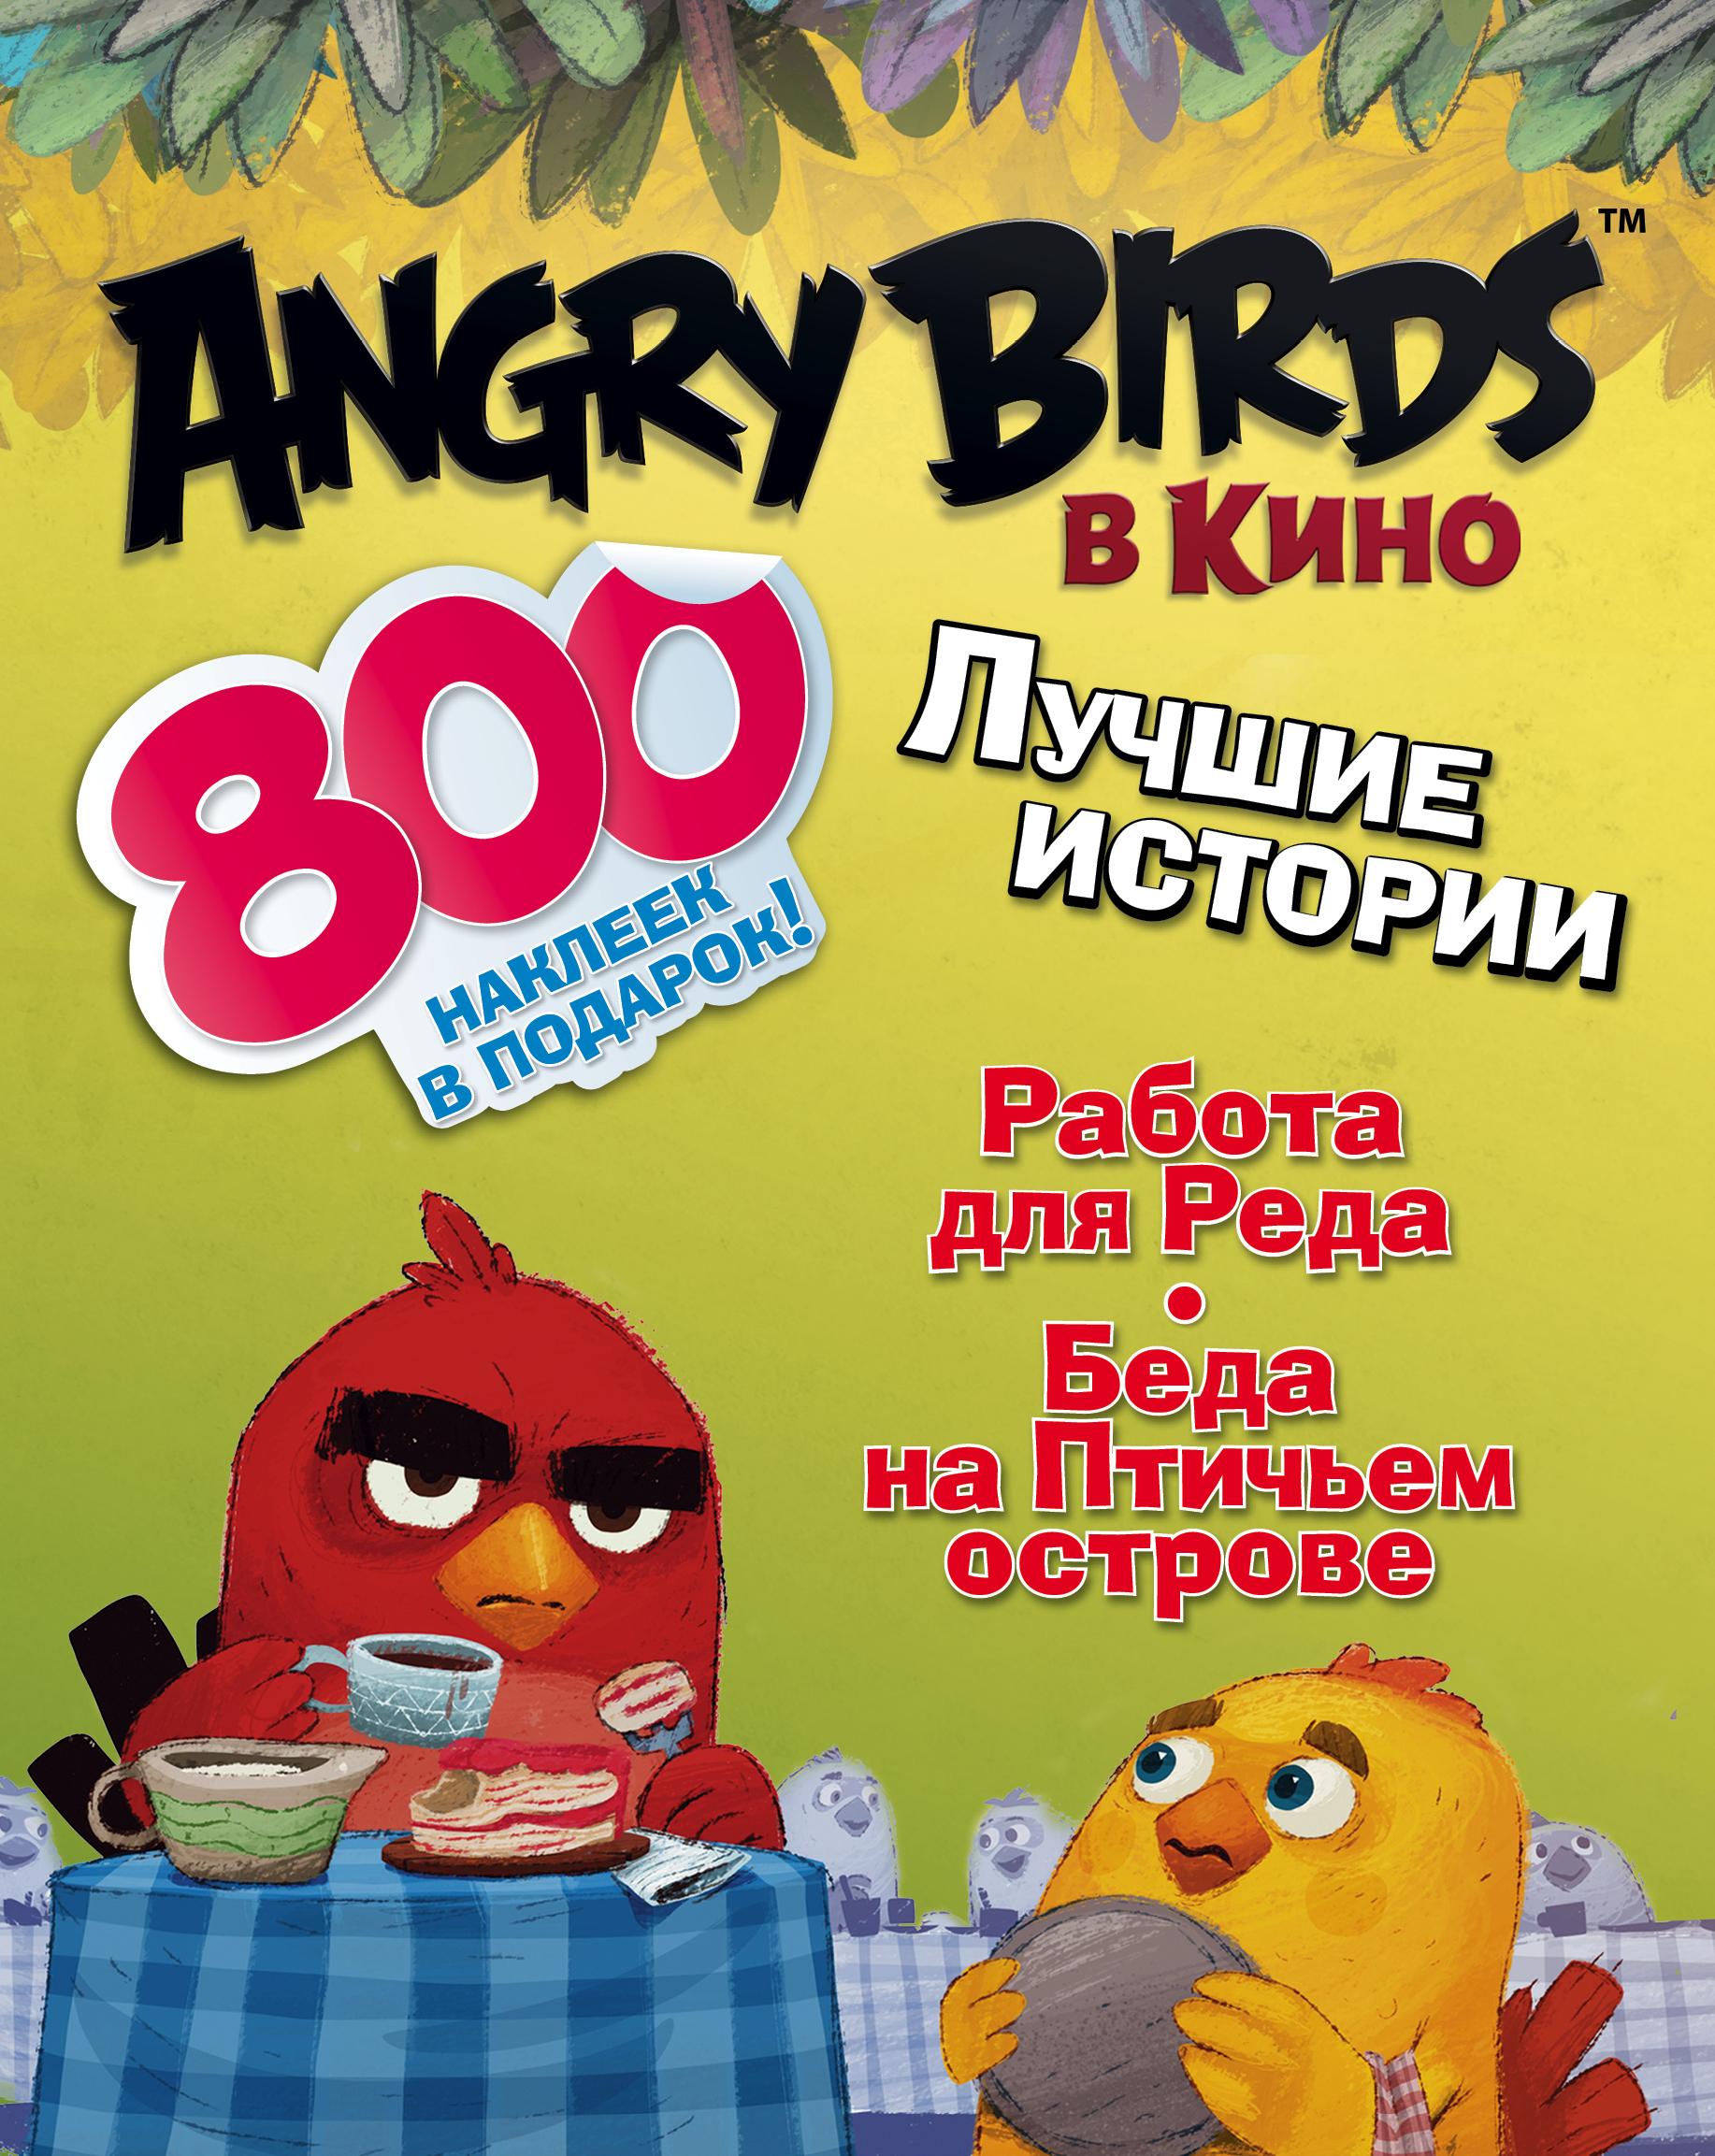 Стивенс С. Angry birds в кино: Лучшие истории (с наклейками)